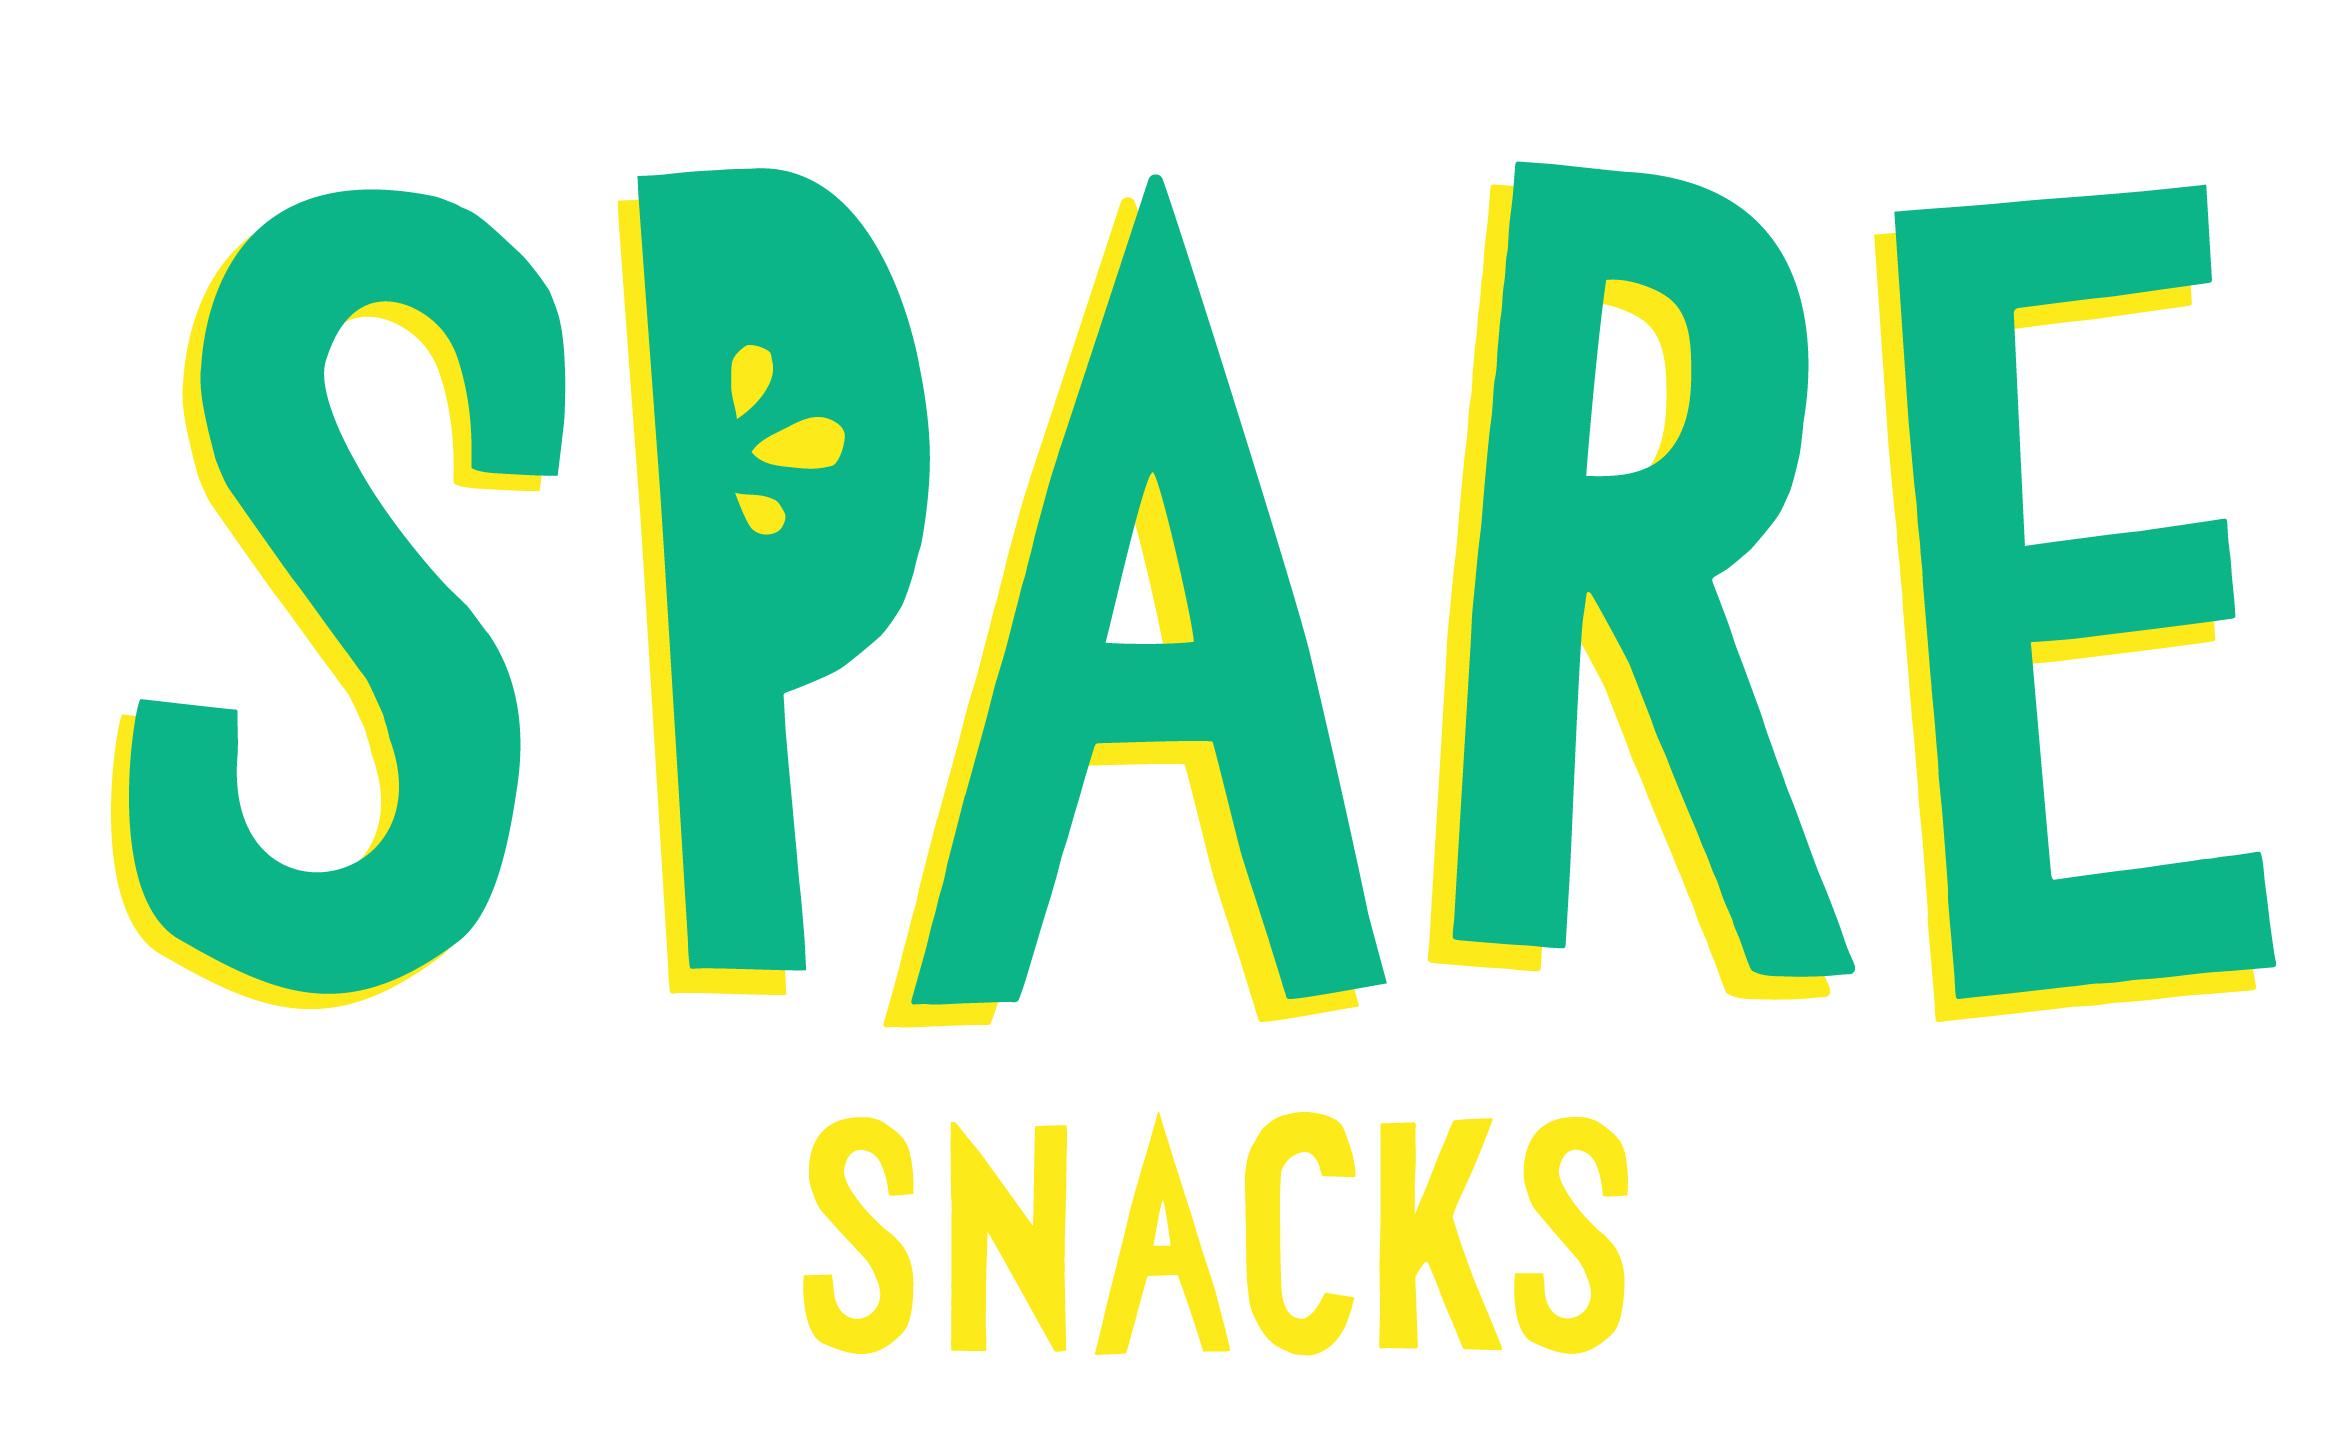 Spare Snacks